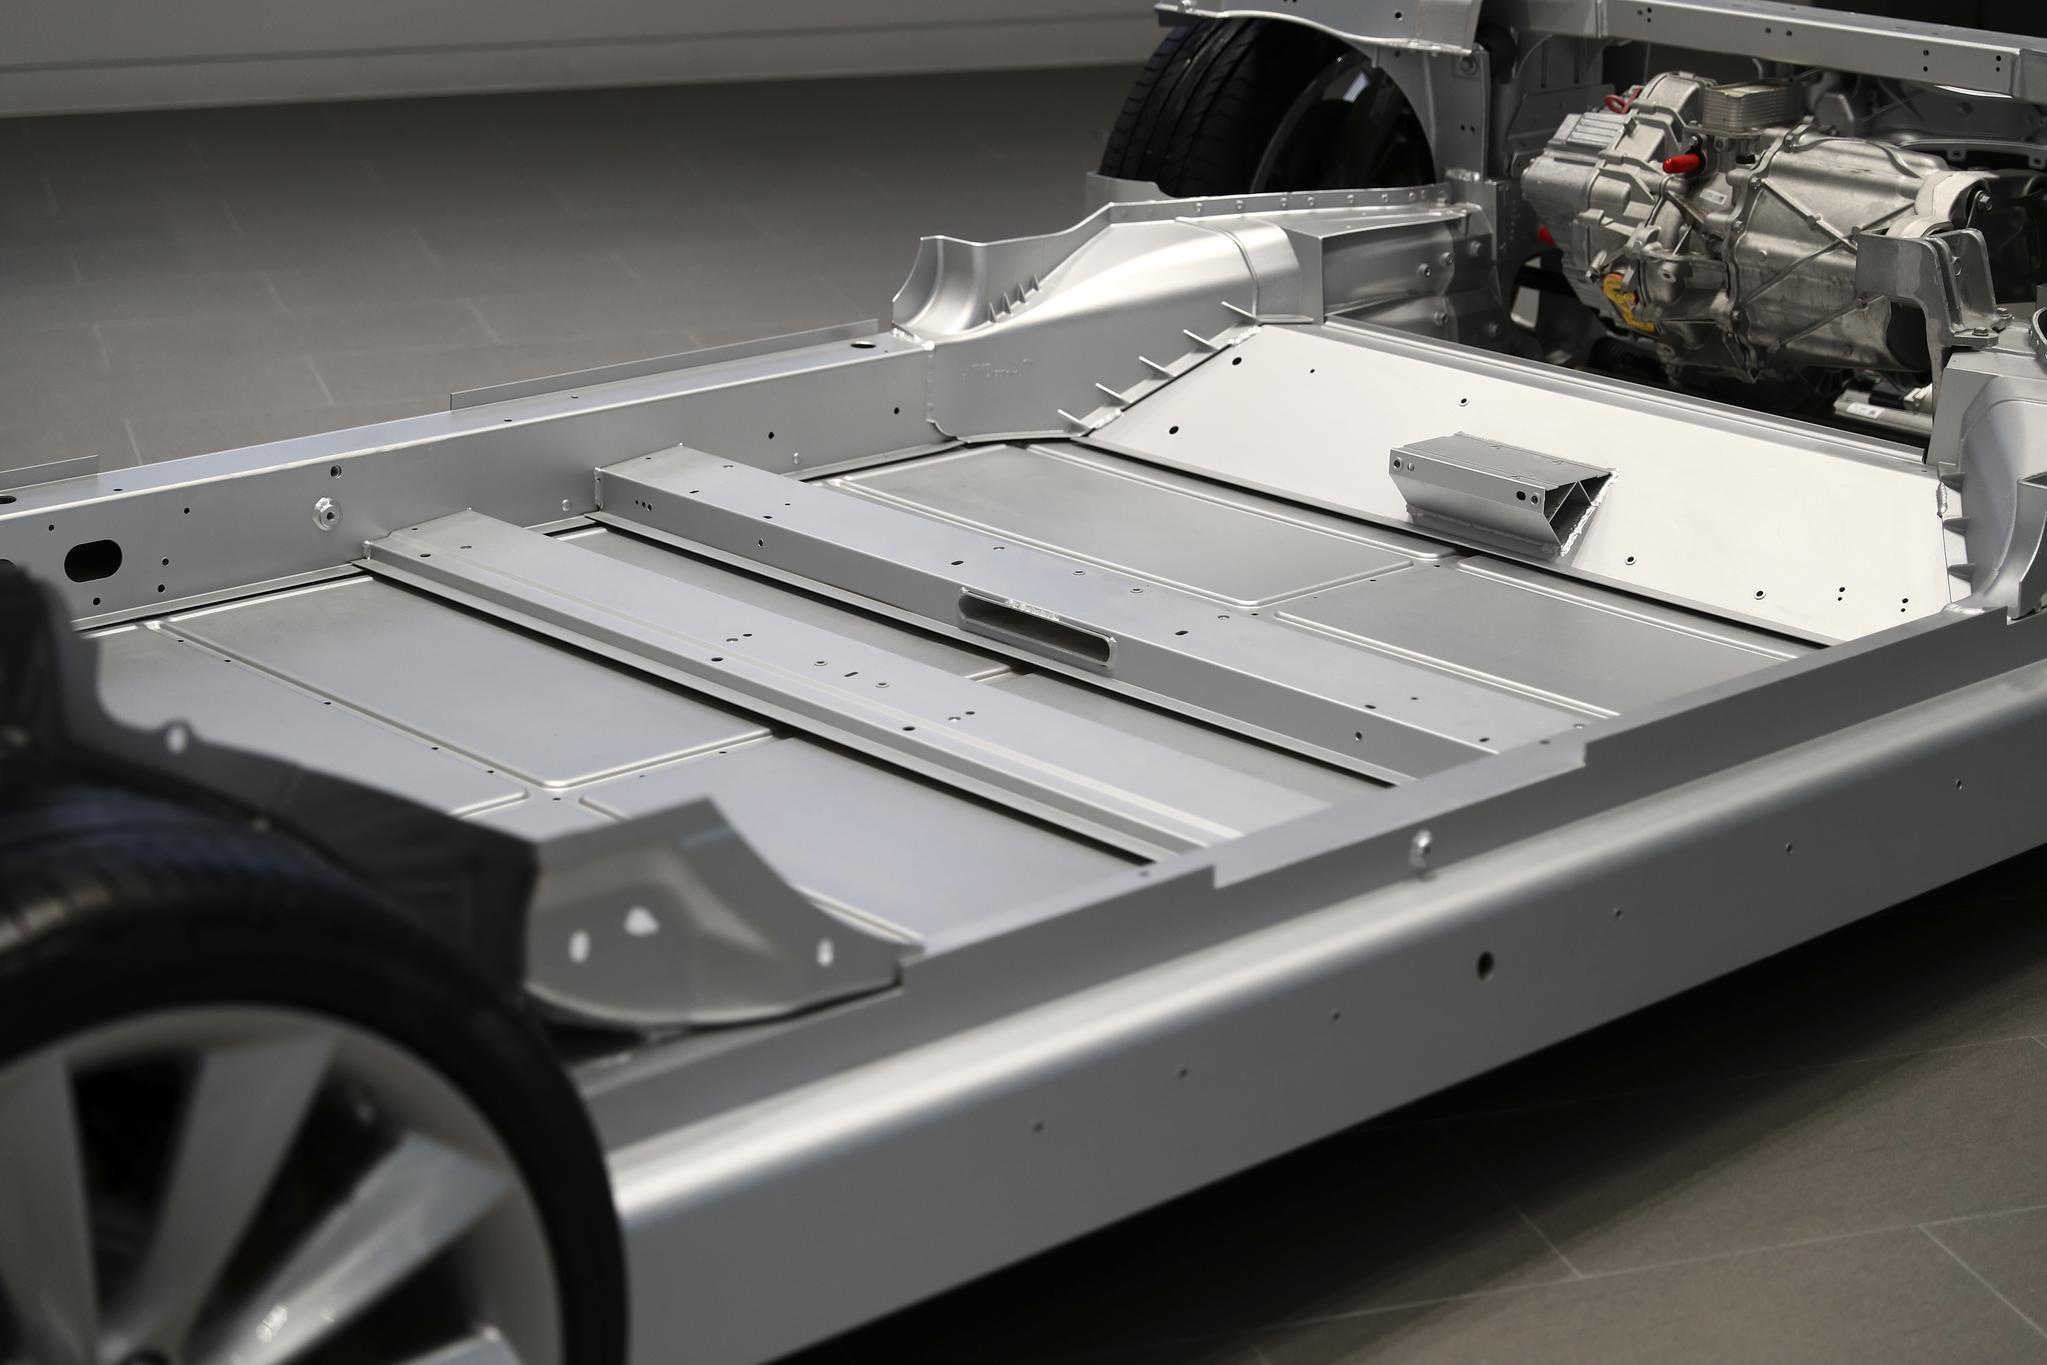 테슬라 전기 자동차는 7000개의 배터리를 지면과 수직으로 세워 빼곡하게 연결한 뒤, 차량의 바닥에 1개층으로 쌓아 놓았다. 중심이 낮아진 덕분에 코너링 성능이 뛰어나다고 알려졌다./20170328/김현동 기자